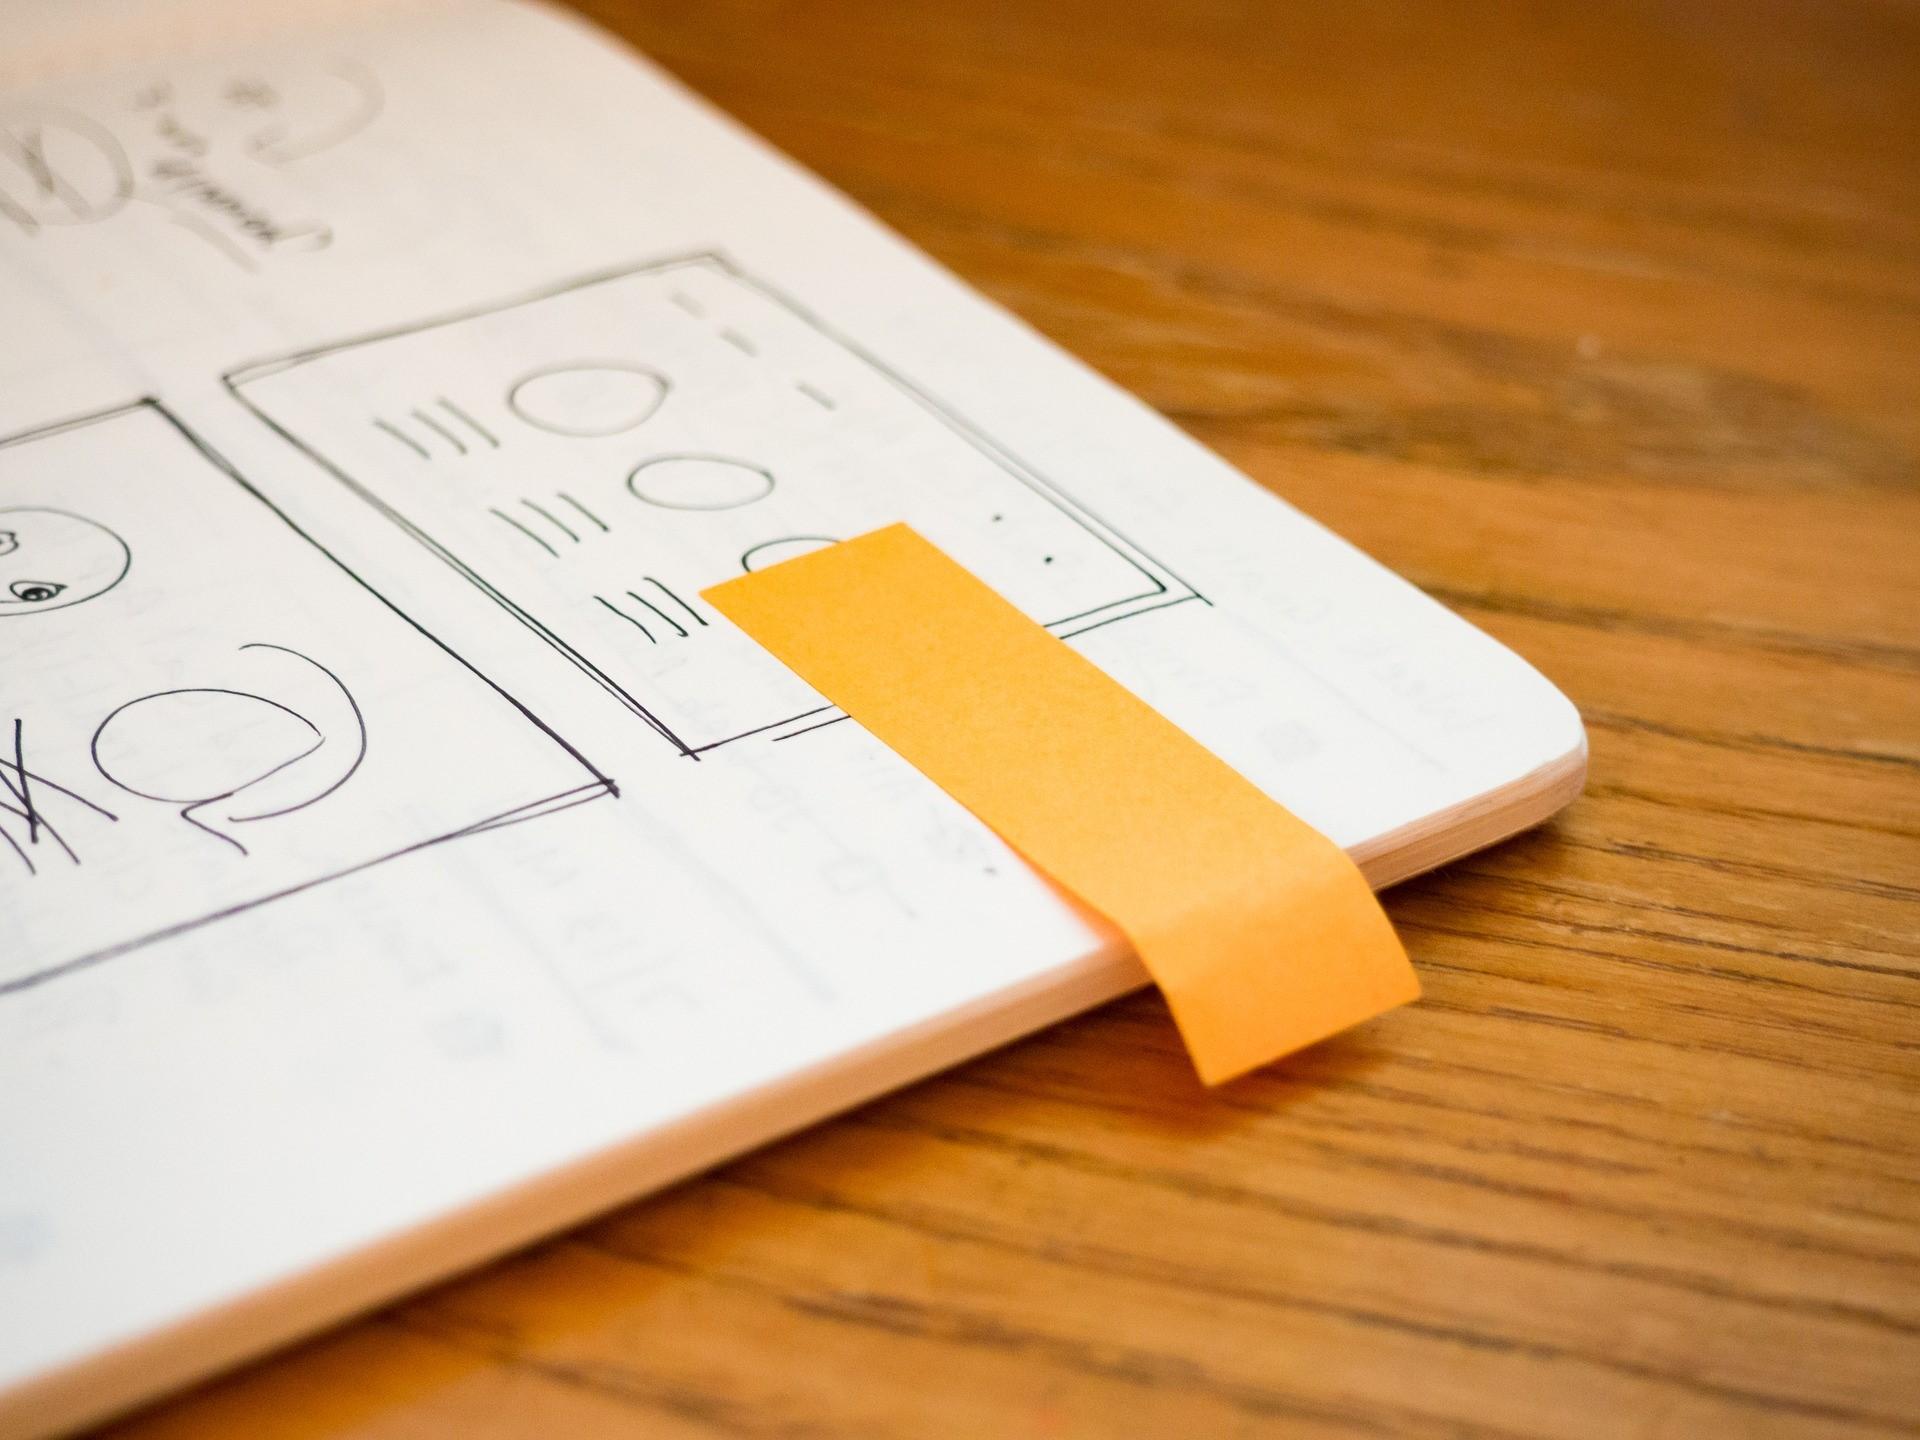 Creatievere ideeën? Maak visuele aantekeningen!